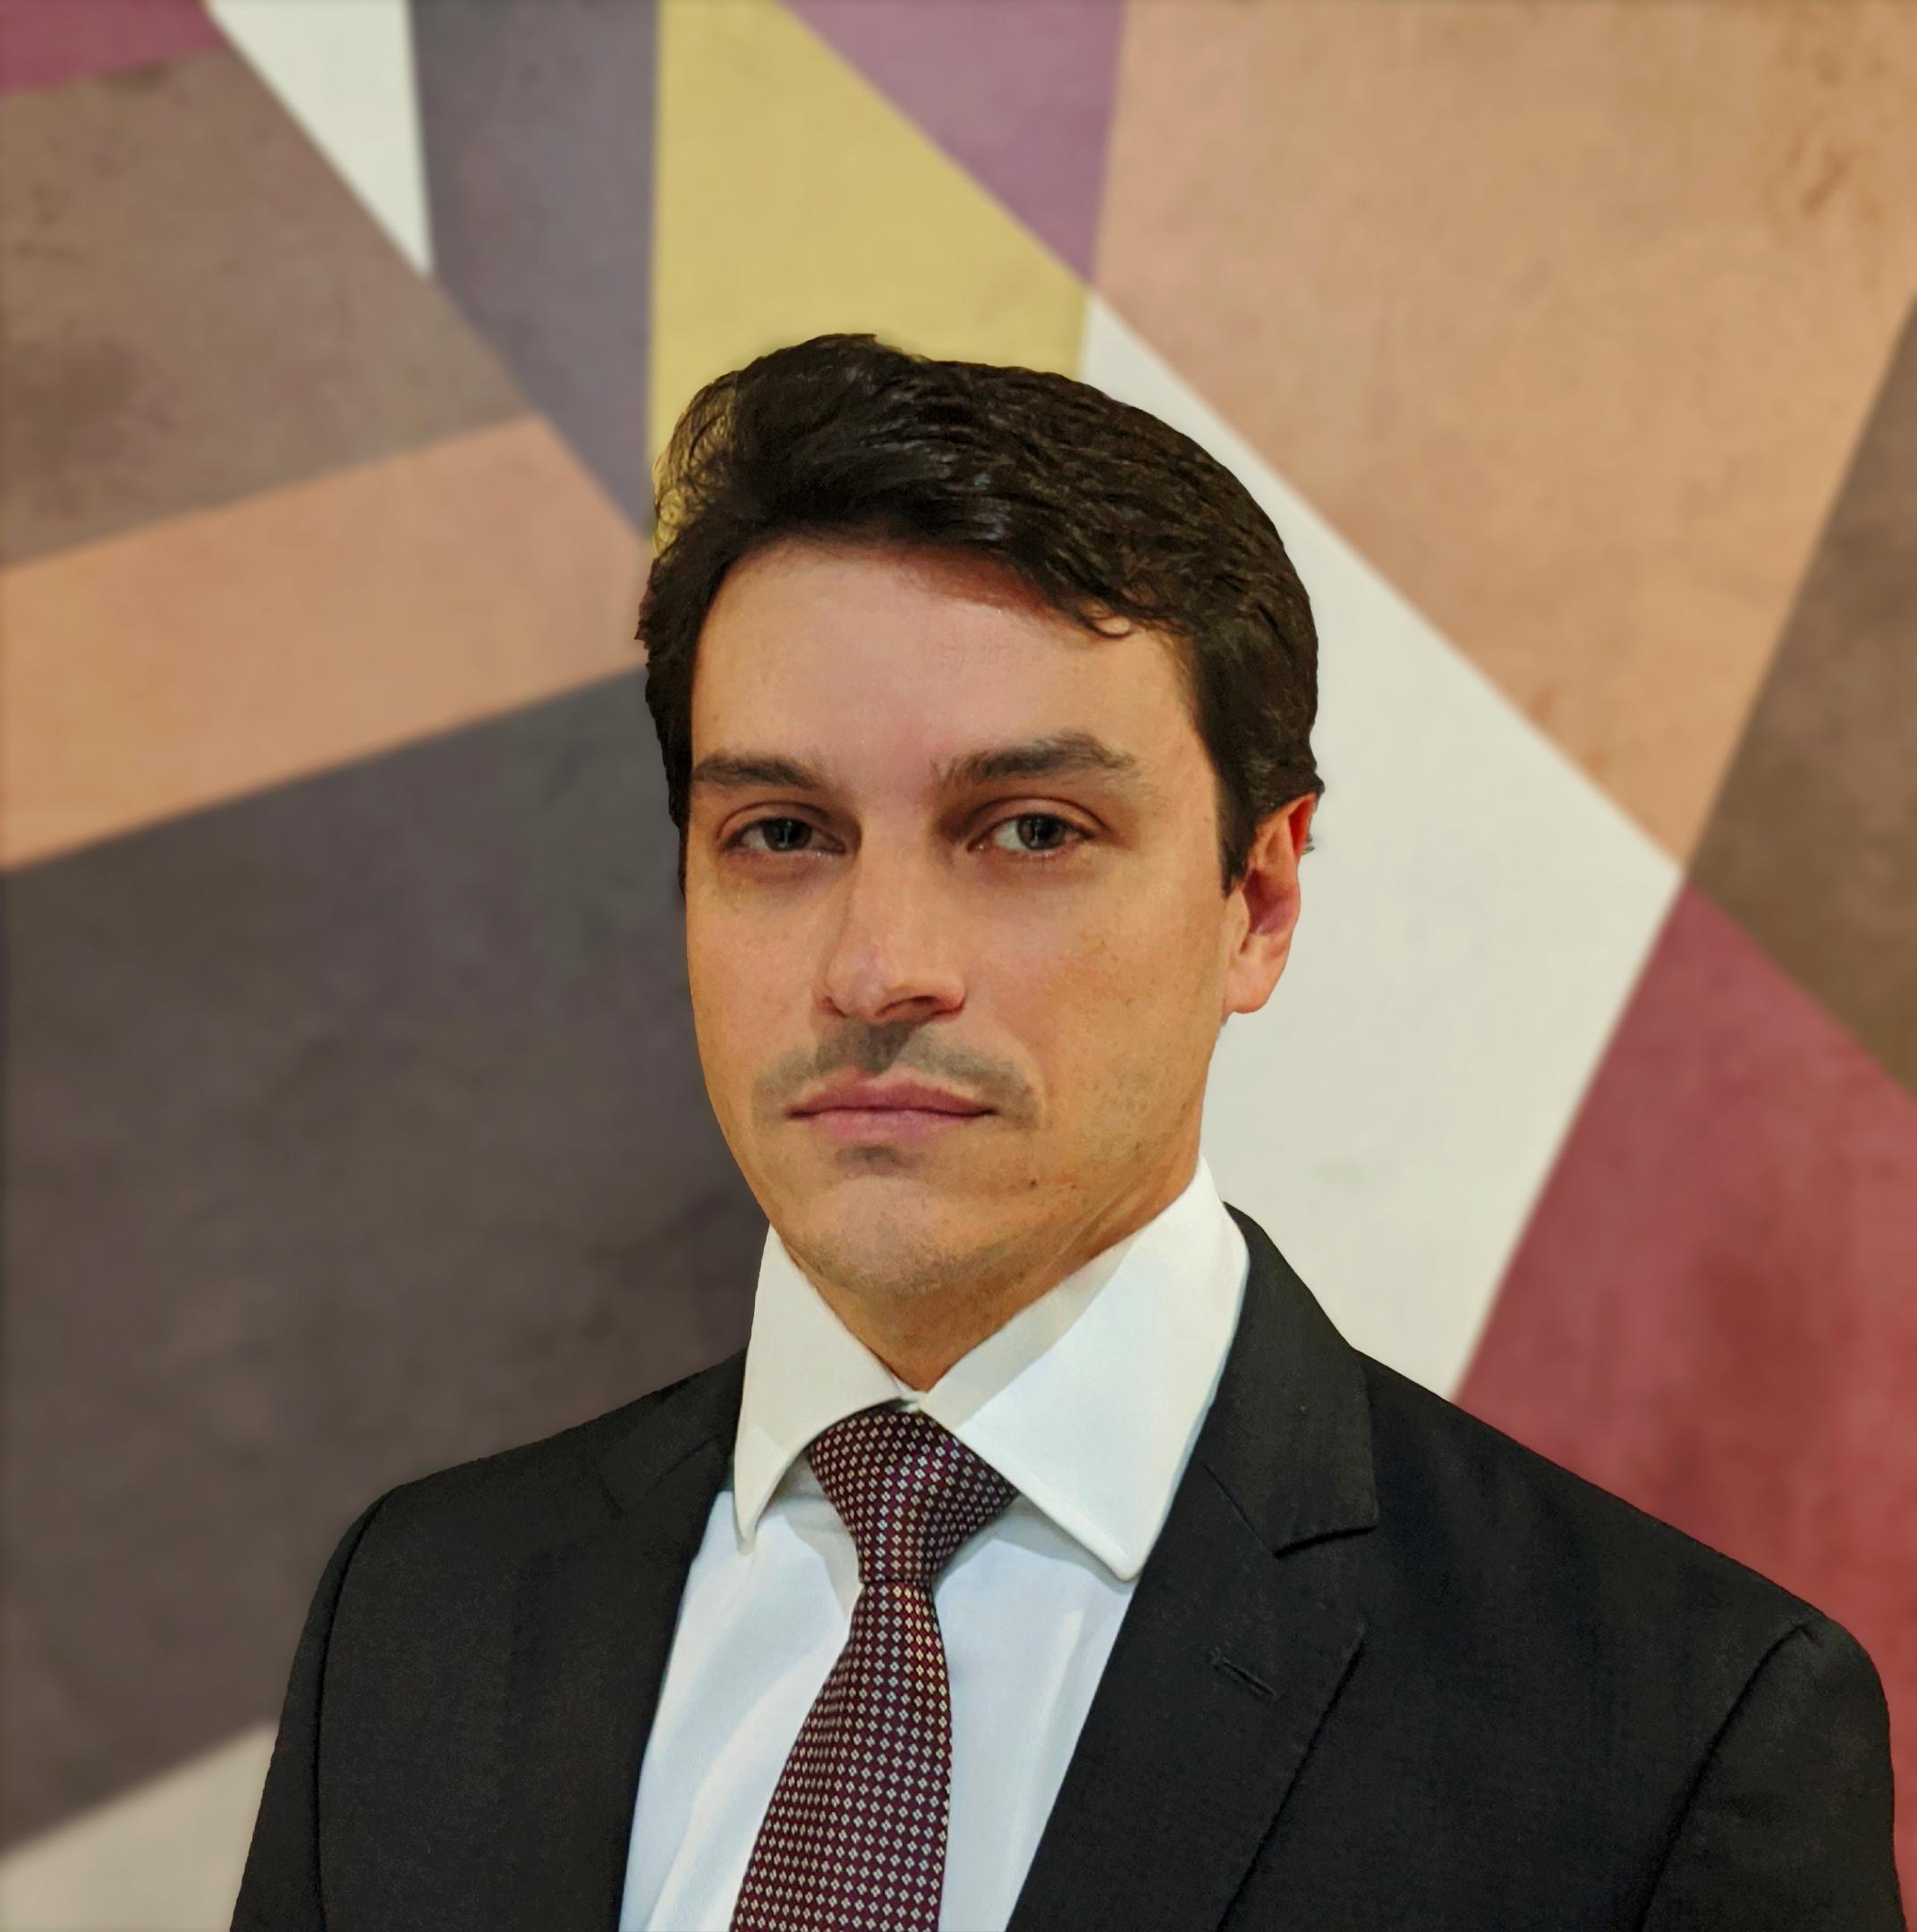 Lúcio de Souza Coimbra Filho